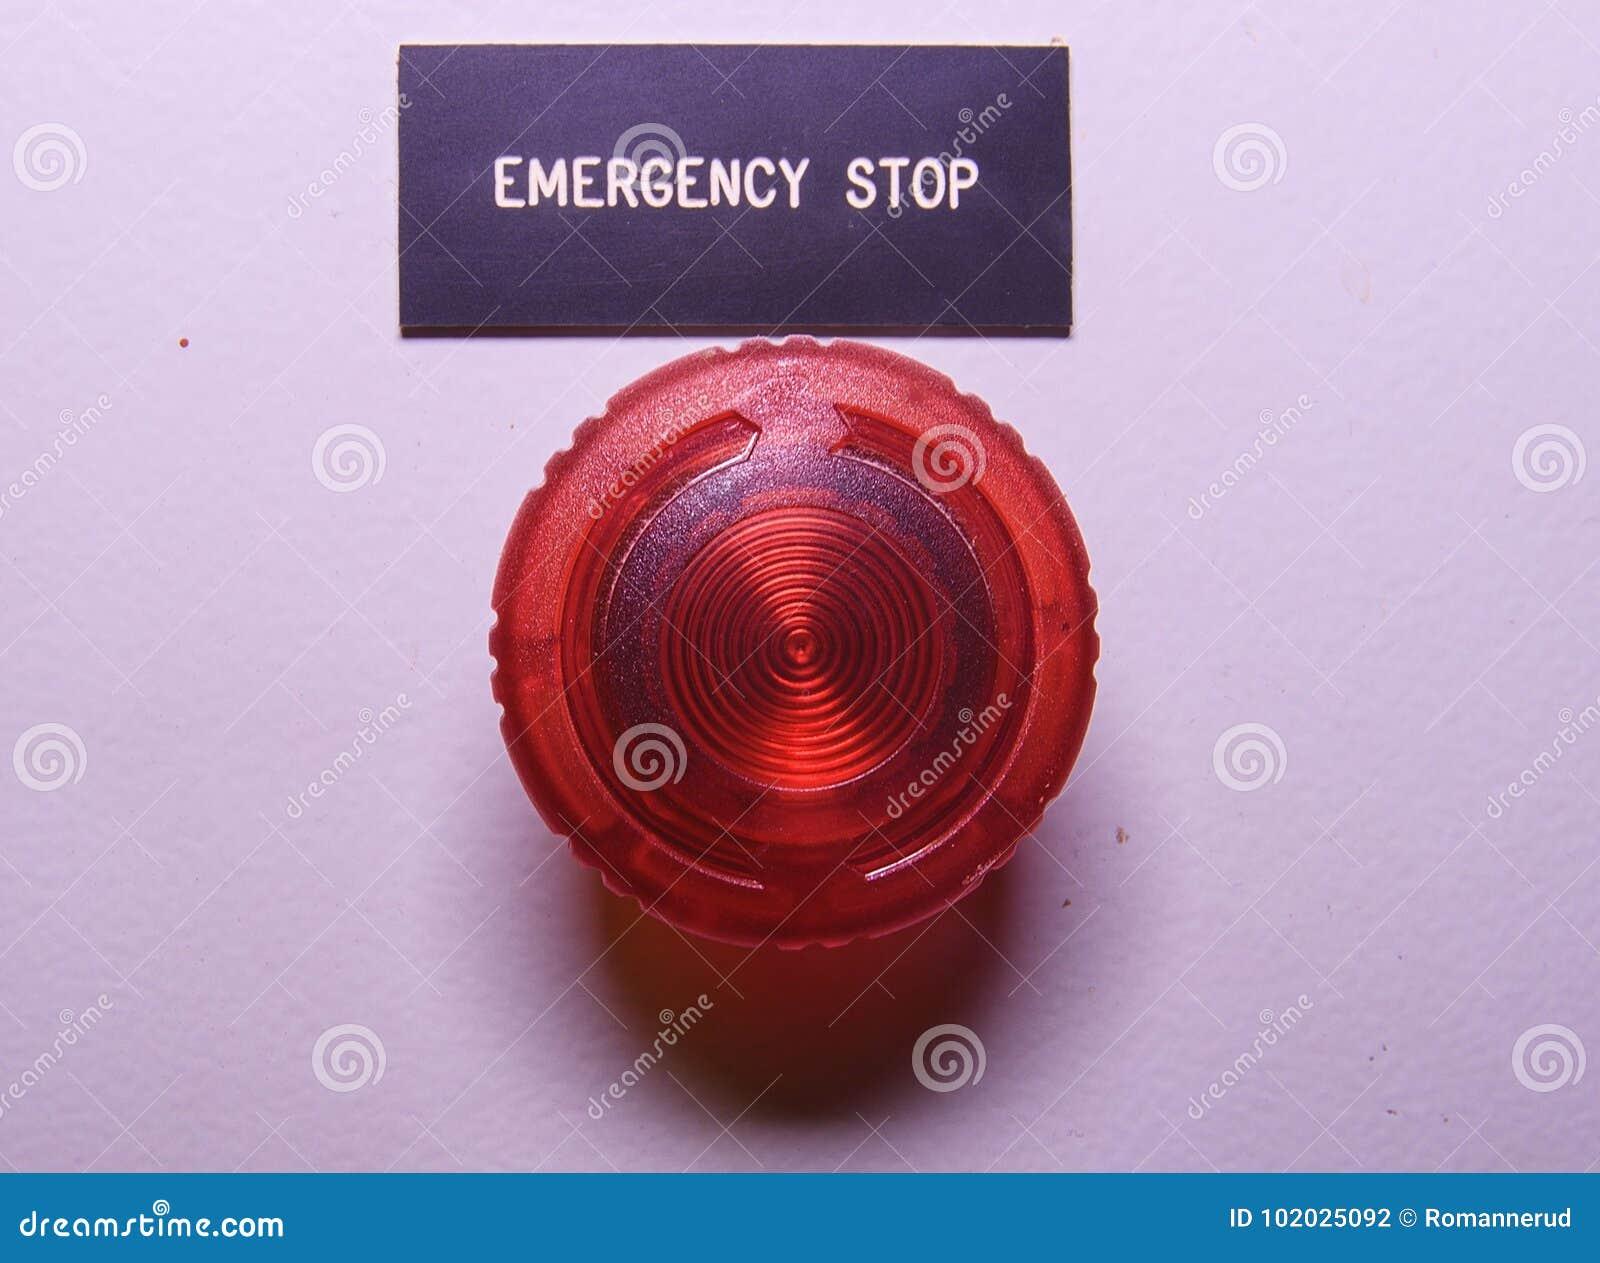 Notaus Notknopf Roter Elektrischer Knopf Stockfoto - Bild von ...